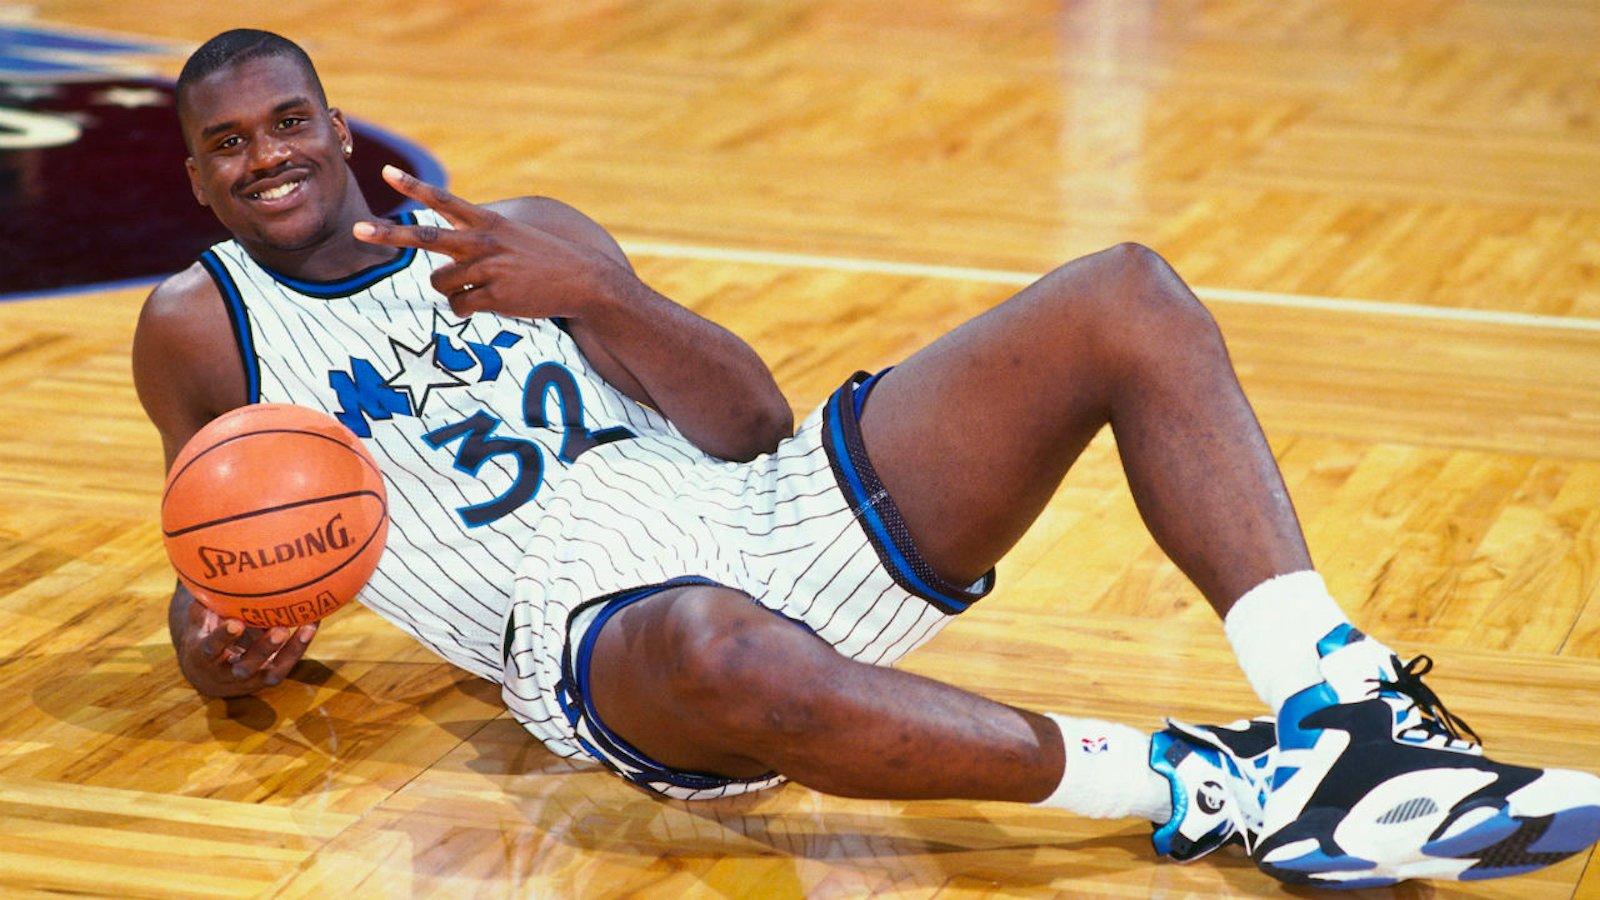 欧宝app历史上的今天:1992年奥尼尔首秀砍下12分18篮板